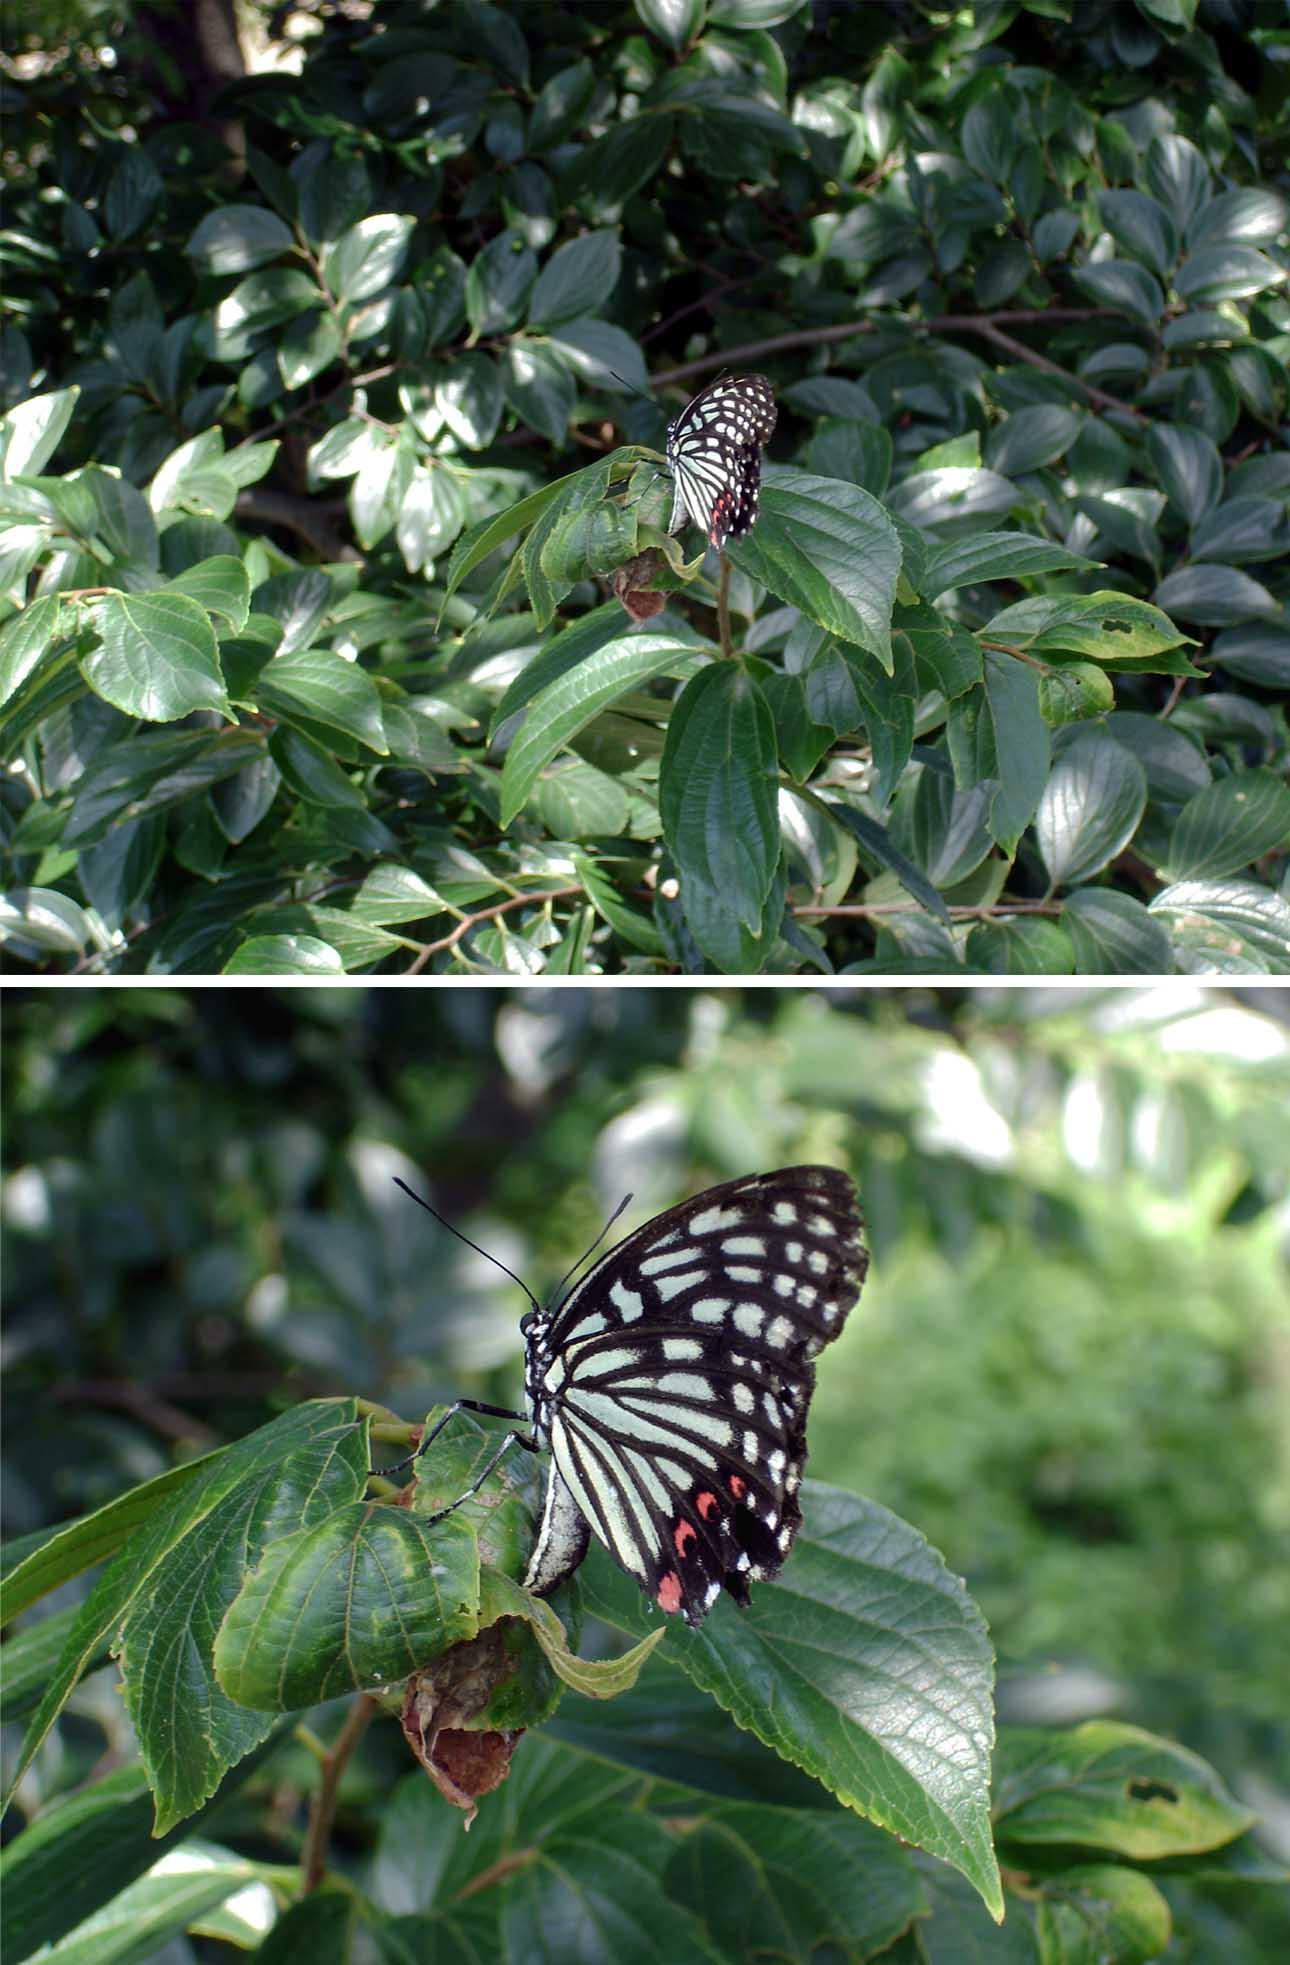 エノキの葉に産卵するアカボシゴマダラ